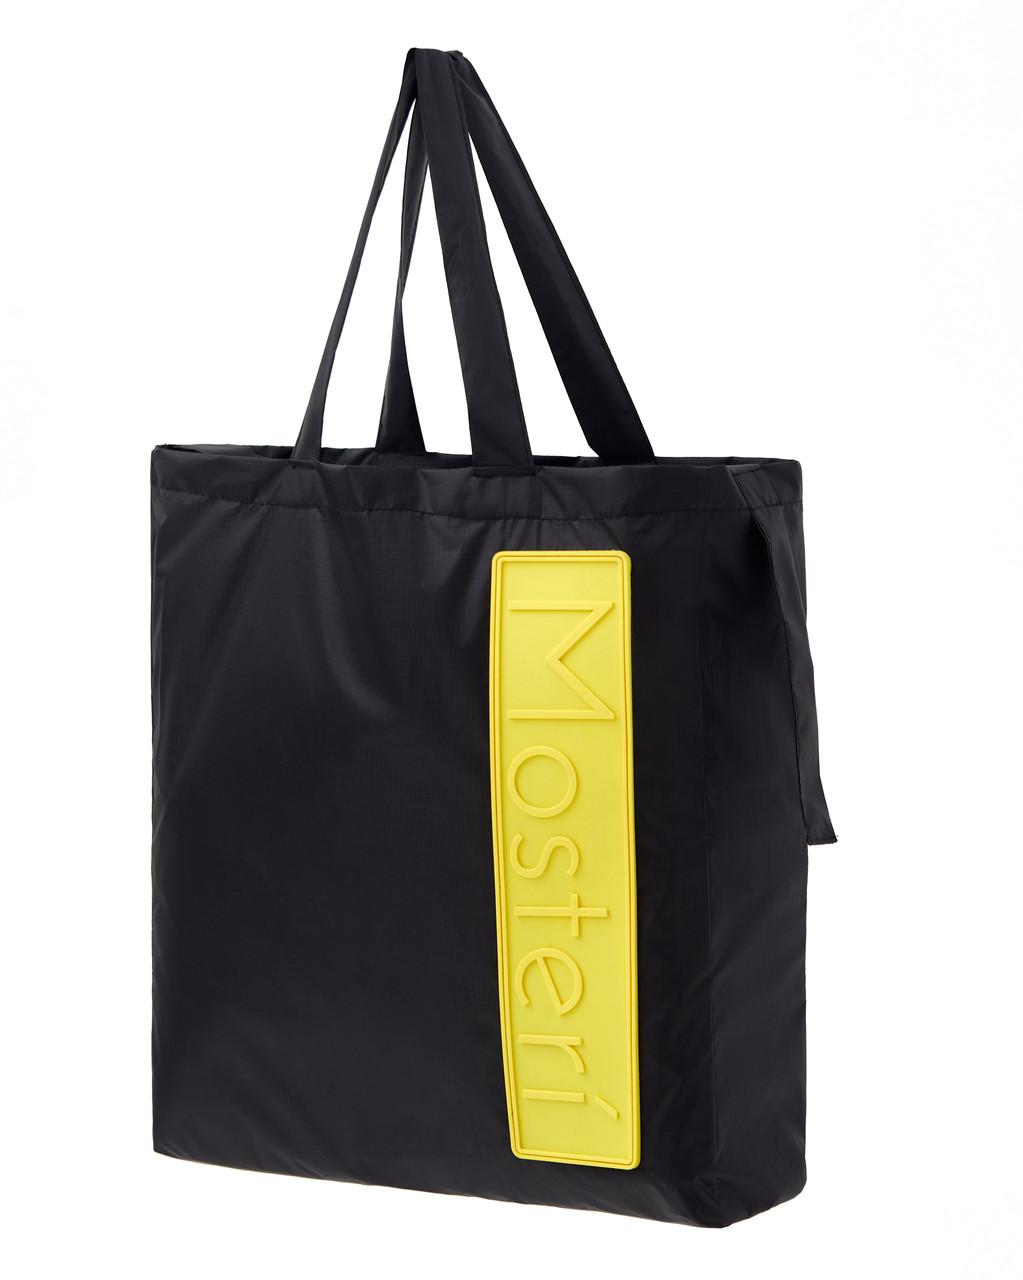 Стильная многофункциональная сумка-шоппер. Прочный водоотталкивающий материал с армирующими ячейками. Экосумка